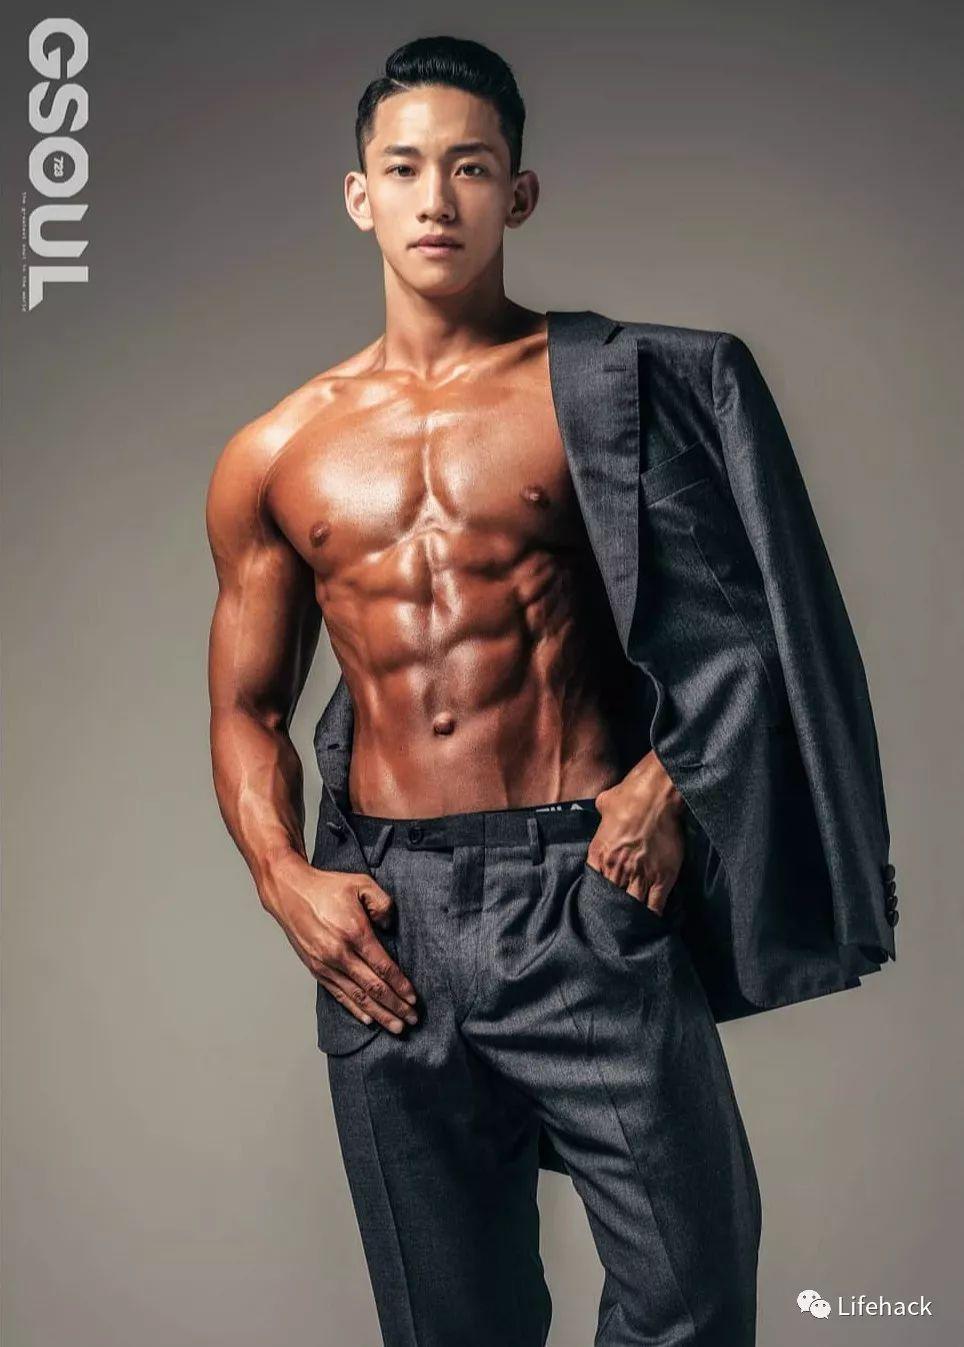 韩国拍了一组男体大片,满屏都是荷尔蒙